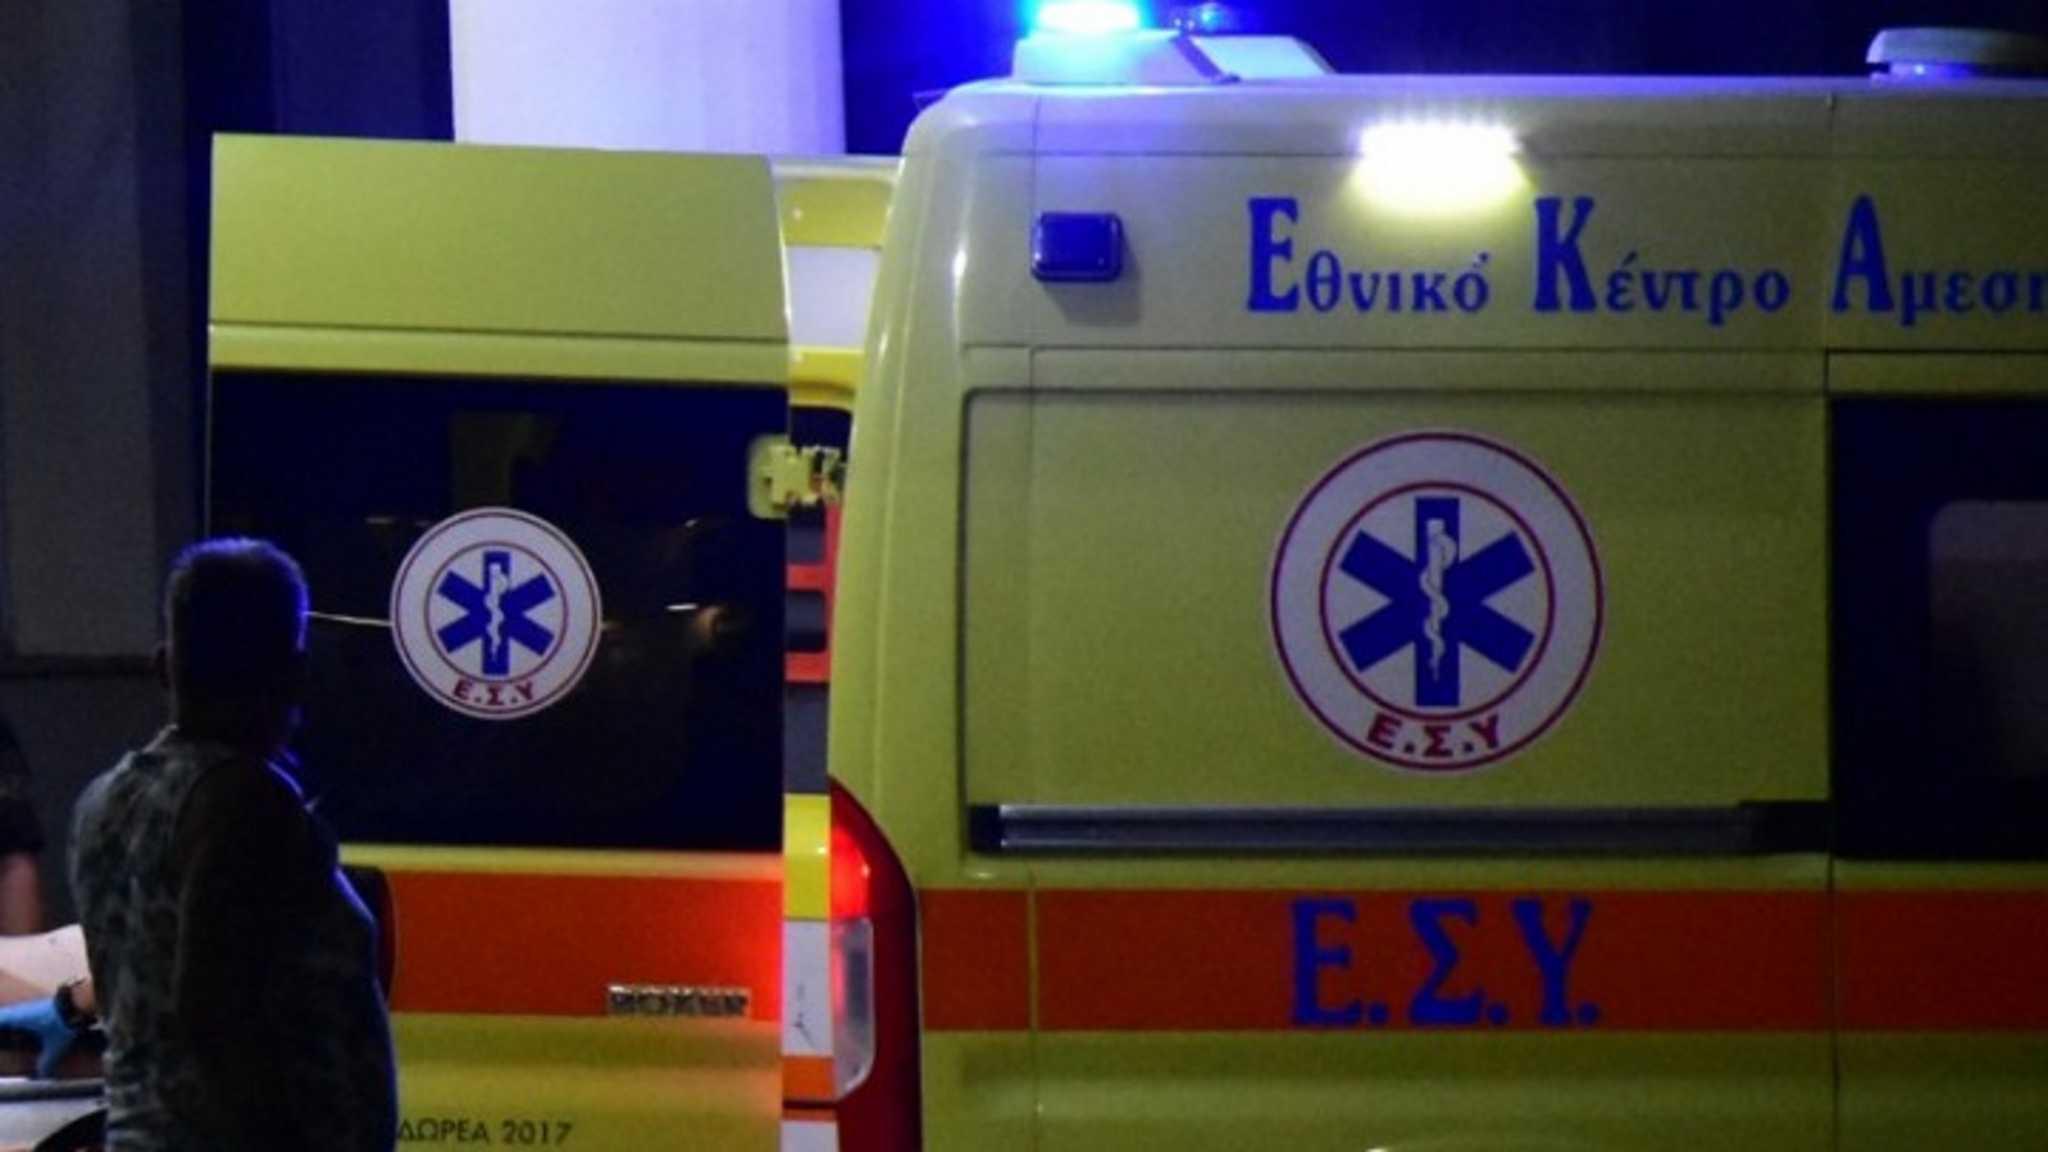 Θεσσαλονίκη: Συγκλονίζει ο θάνατος στρατιωτικού – Δάκρυα και αναπάντητα ερωτήματα για τον υπολοχαγό